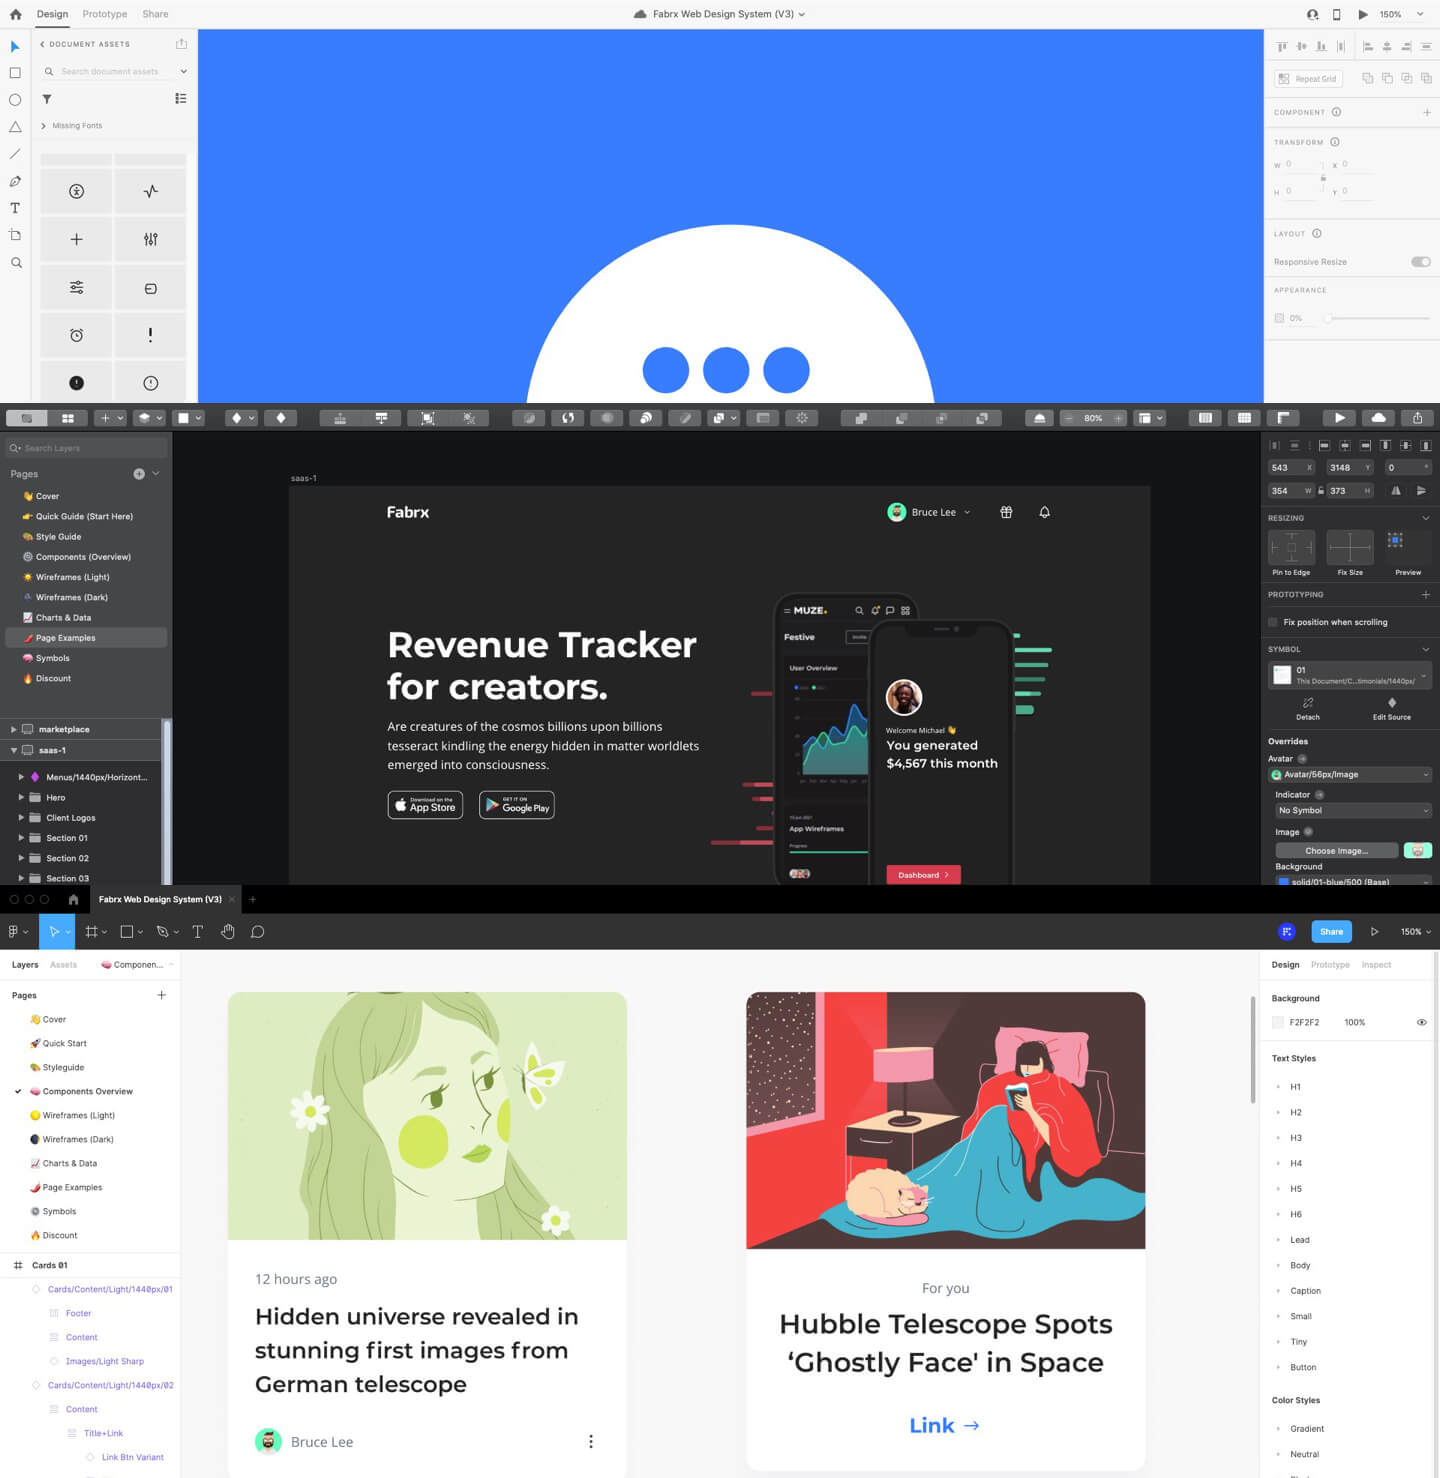 Fabrx Web Design System